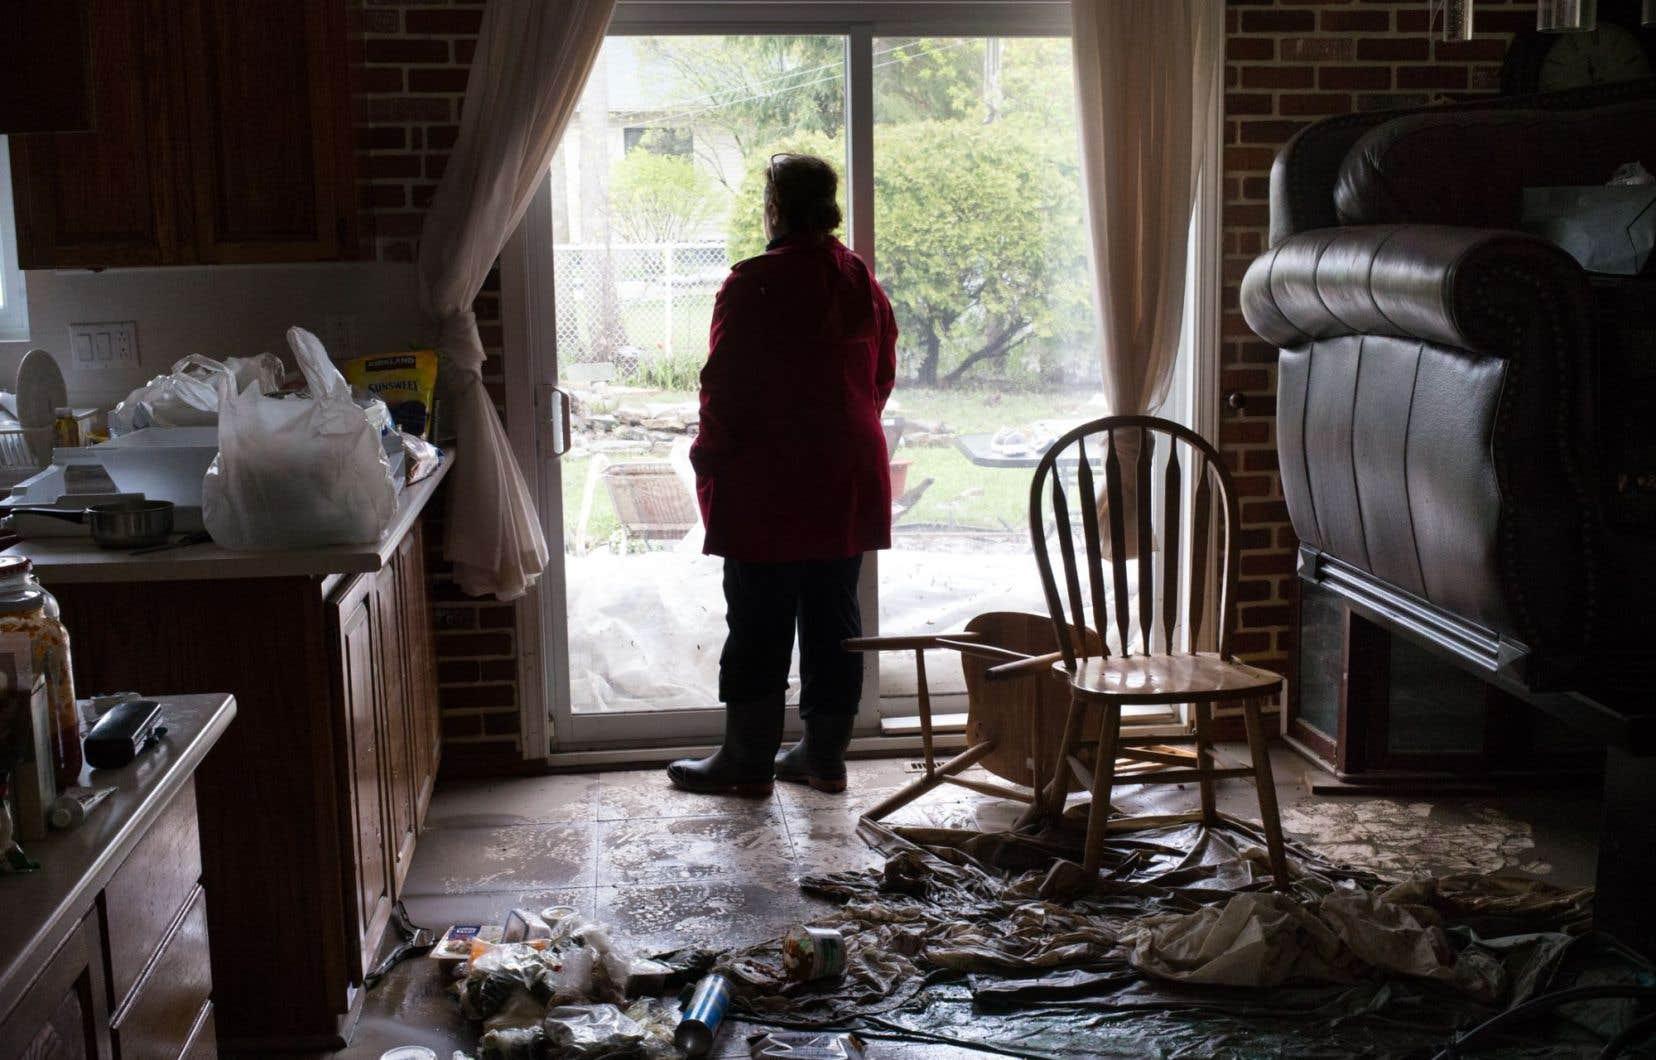 <p>Les sinistrés sont proportionnellement près de cinq fois plus nombreux à considérer leur état de santé mentale comme passable ou mauvais comparativement à la population montréalaise.</p>